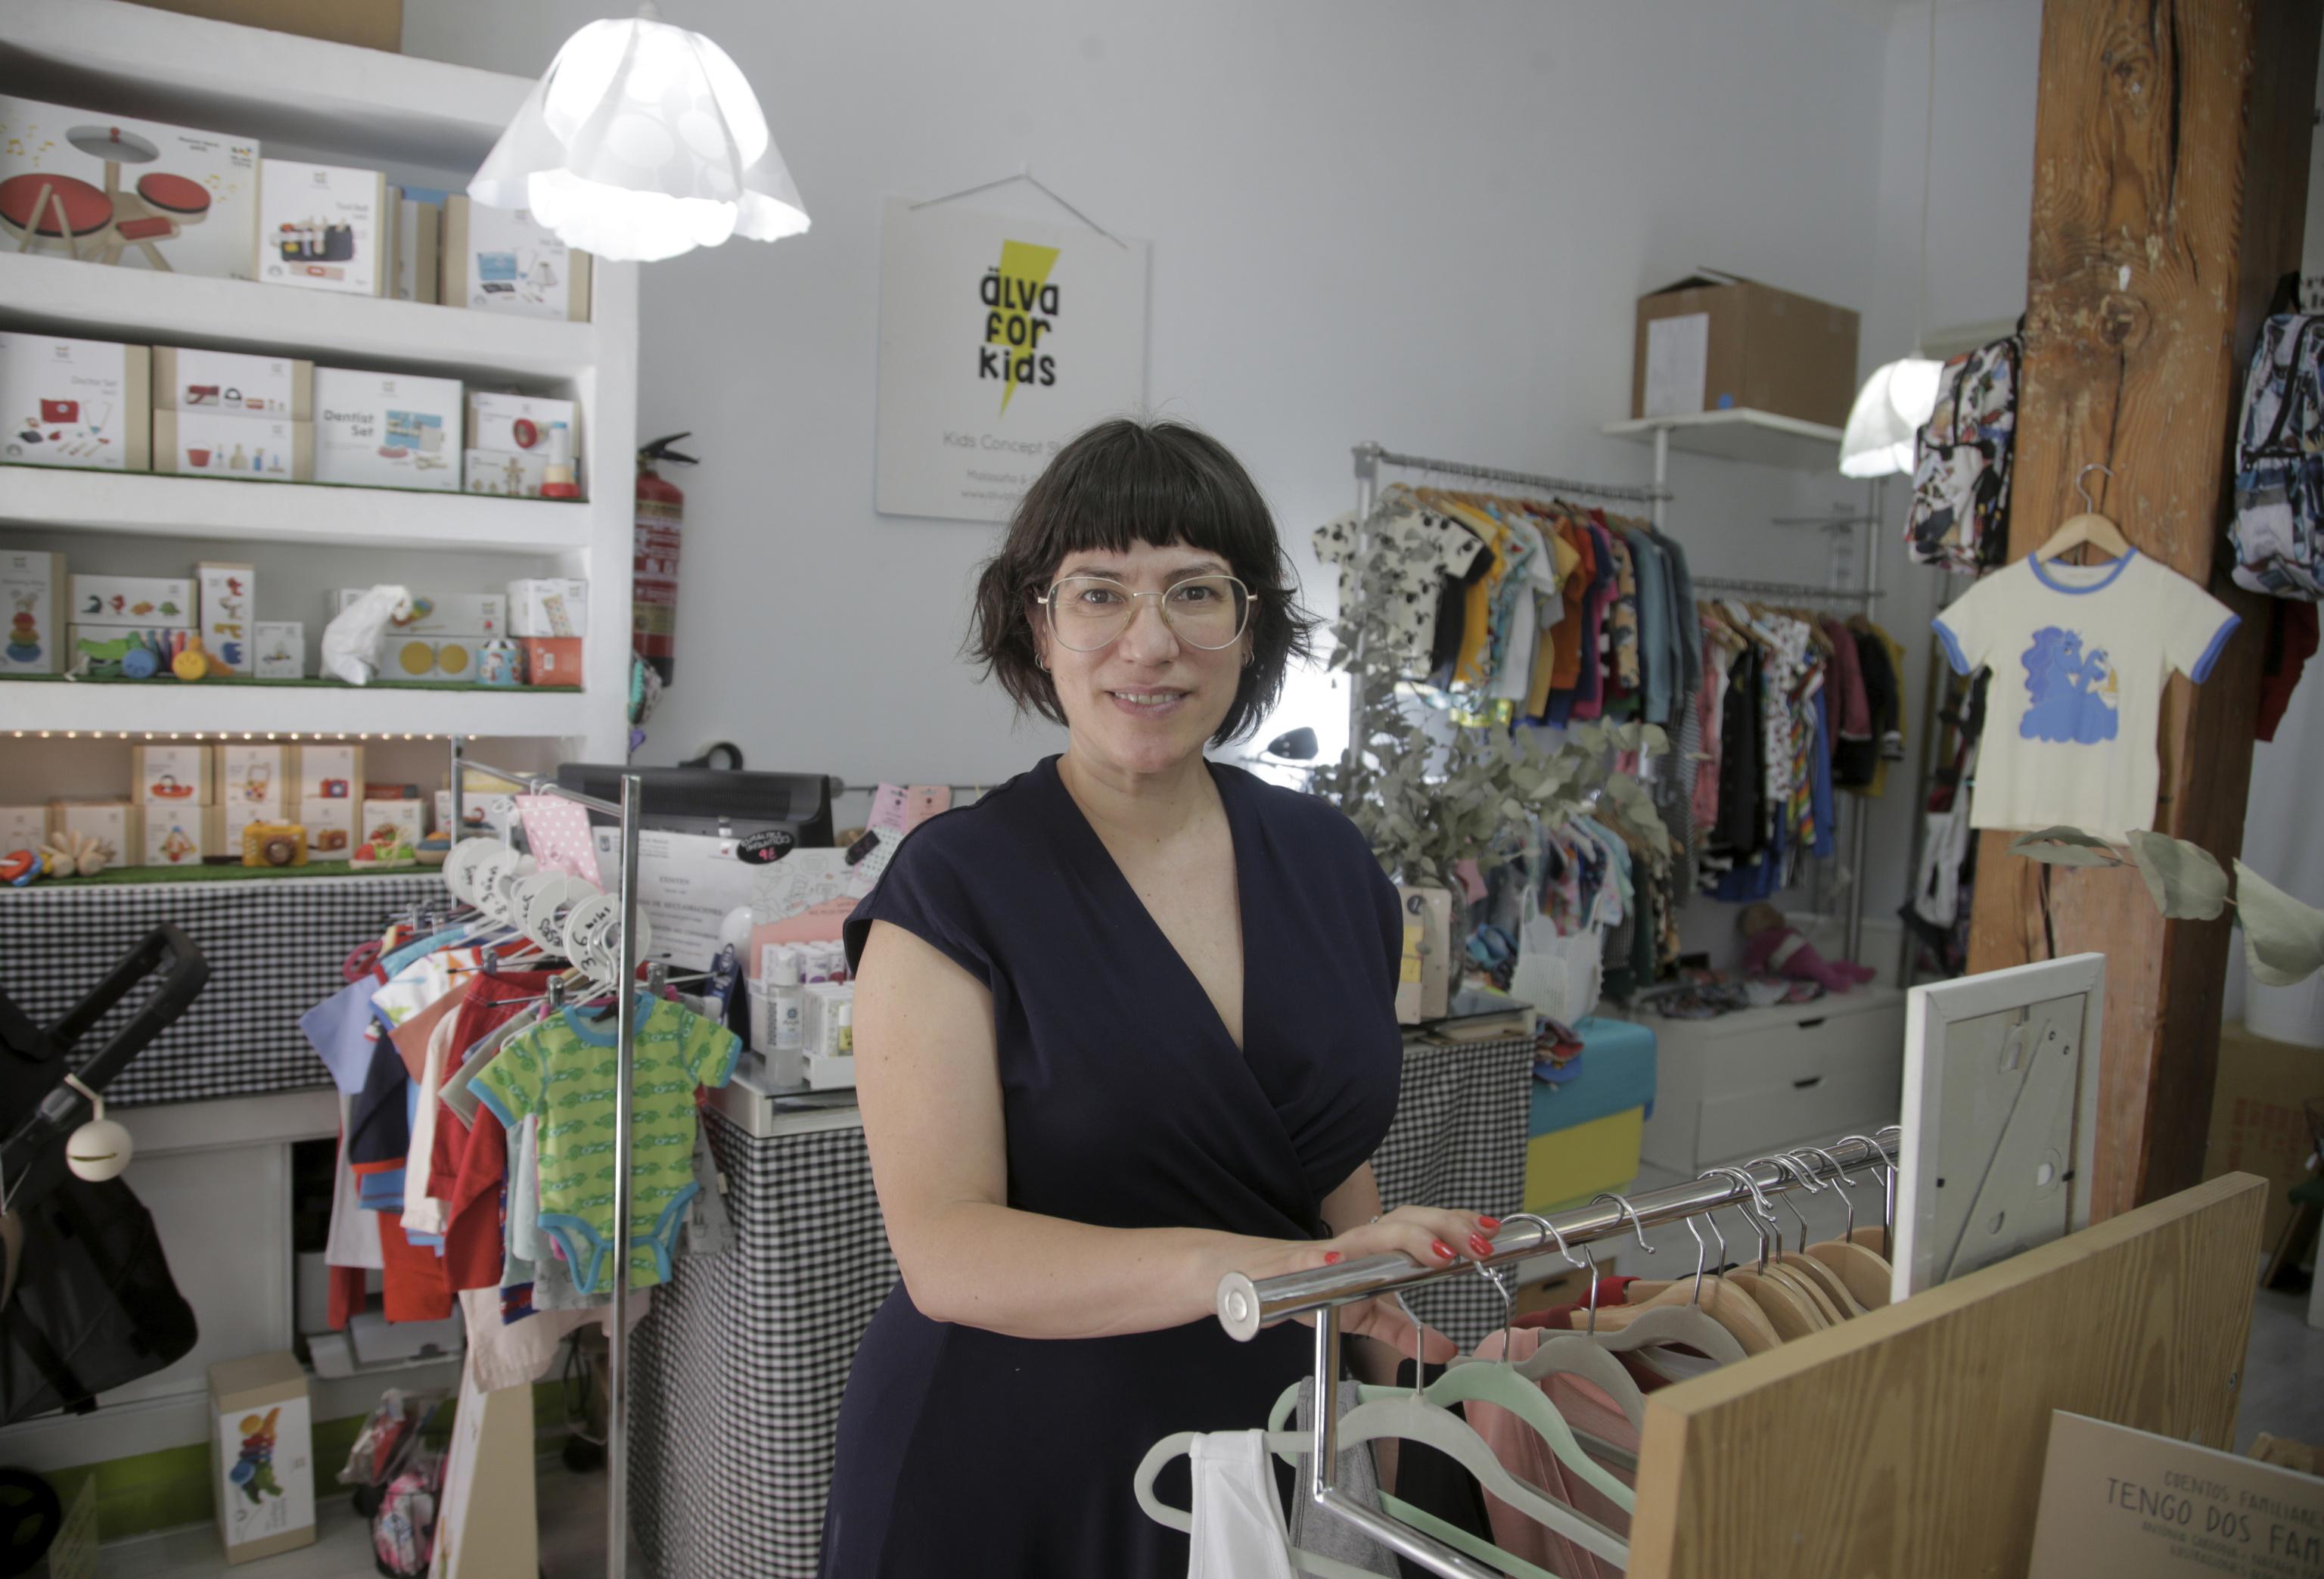 Eva, dueña de la tienda Älva for kids, tambien recibió una llamada de Laura en la que le pedía dinero.